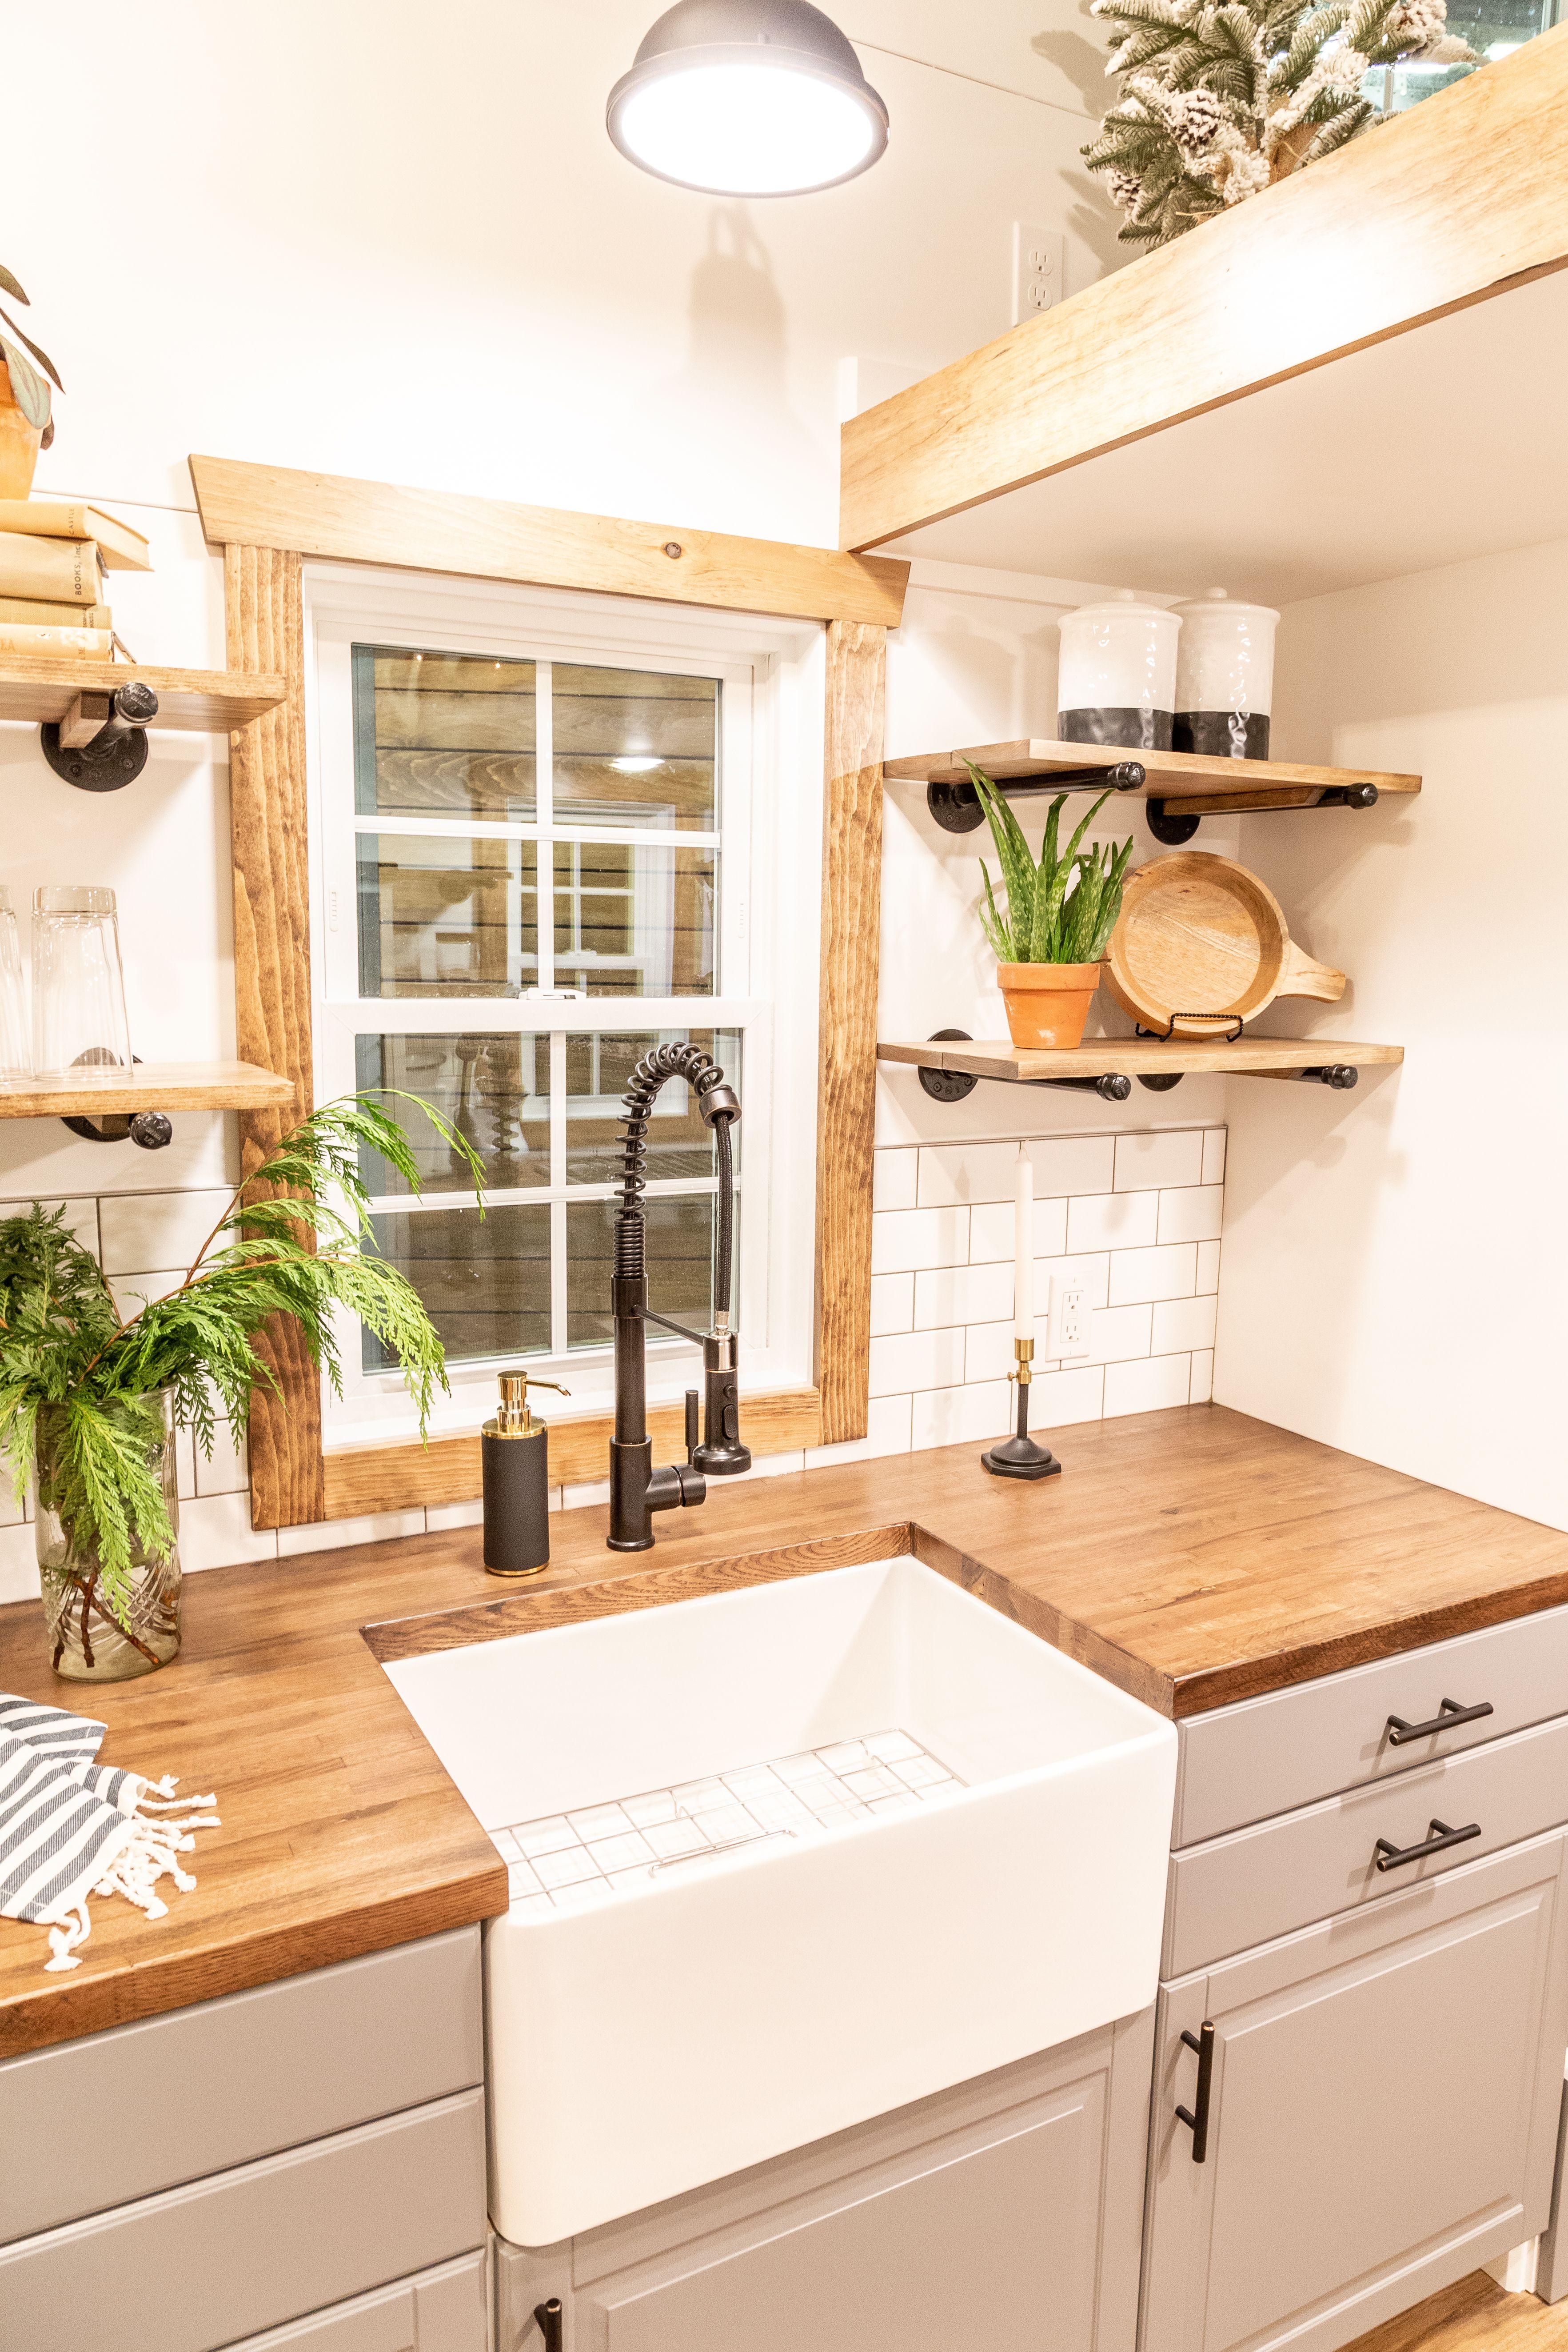 Kitchen Sink The Farmhouse Home Tiny House Tiny House Kitchen